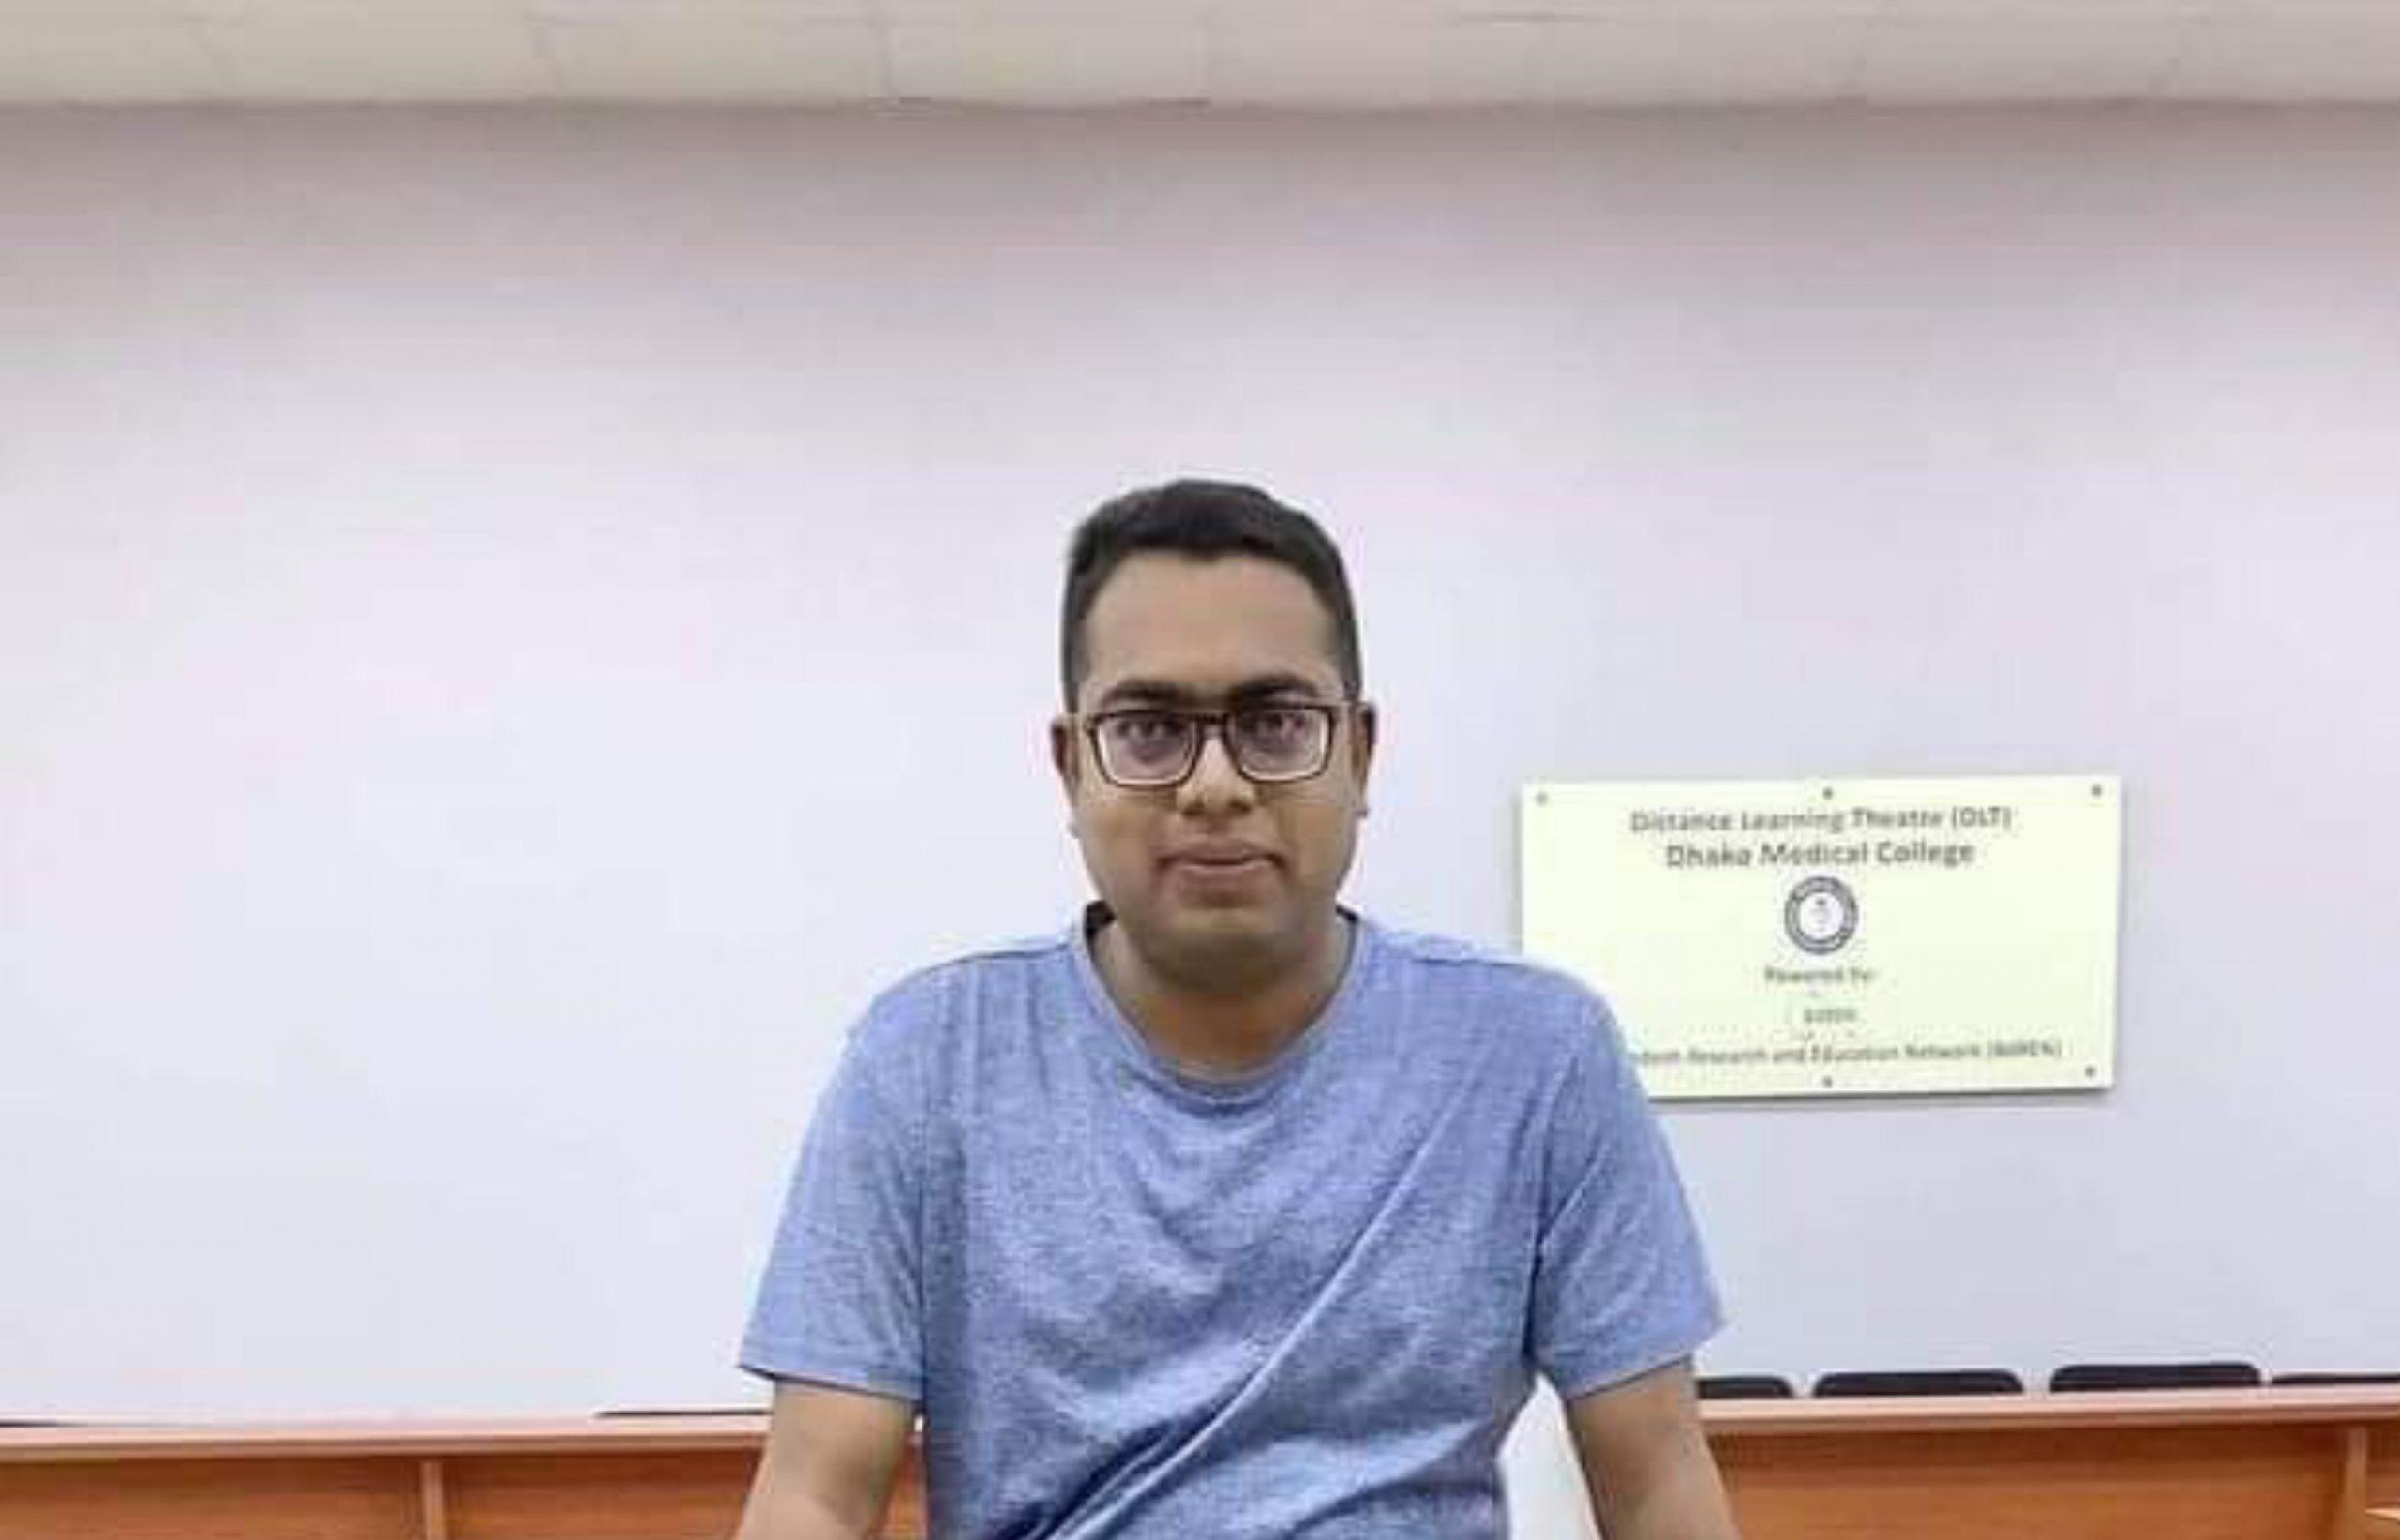 MRCP পরীক্ষায় বাংলাদেশী চিকিৎসকের অভিনব সাফল্য